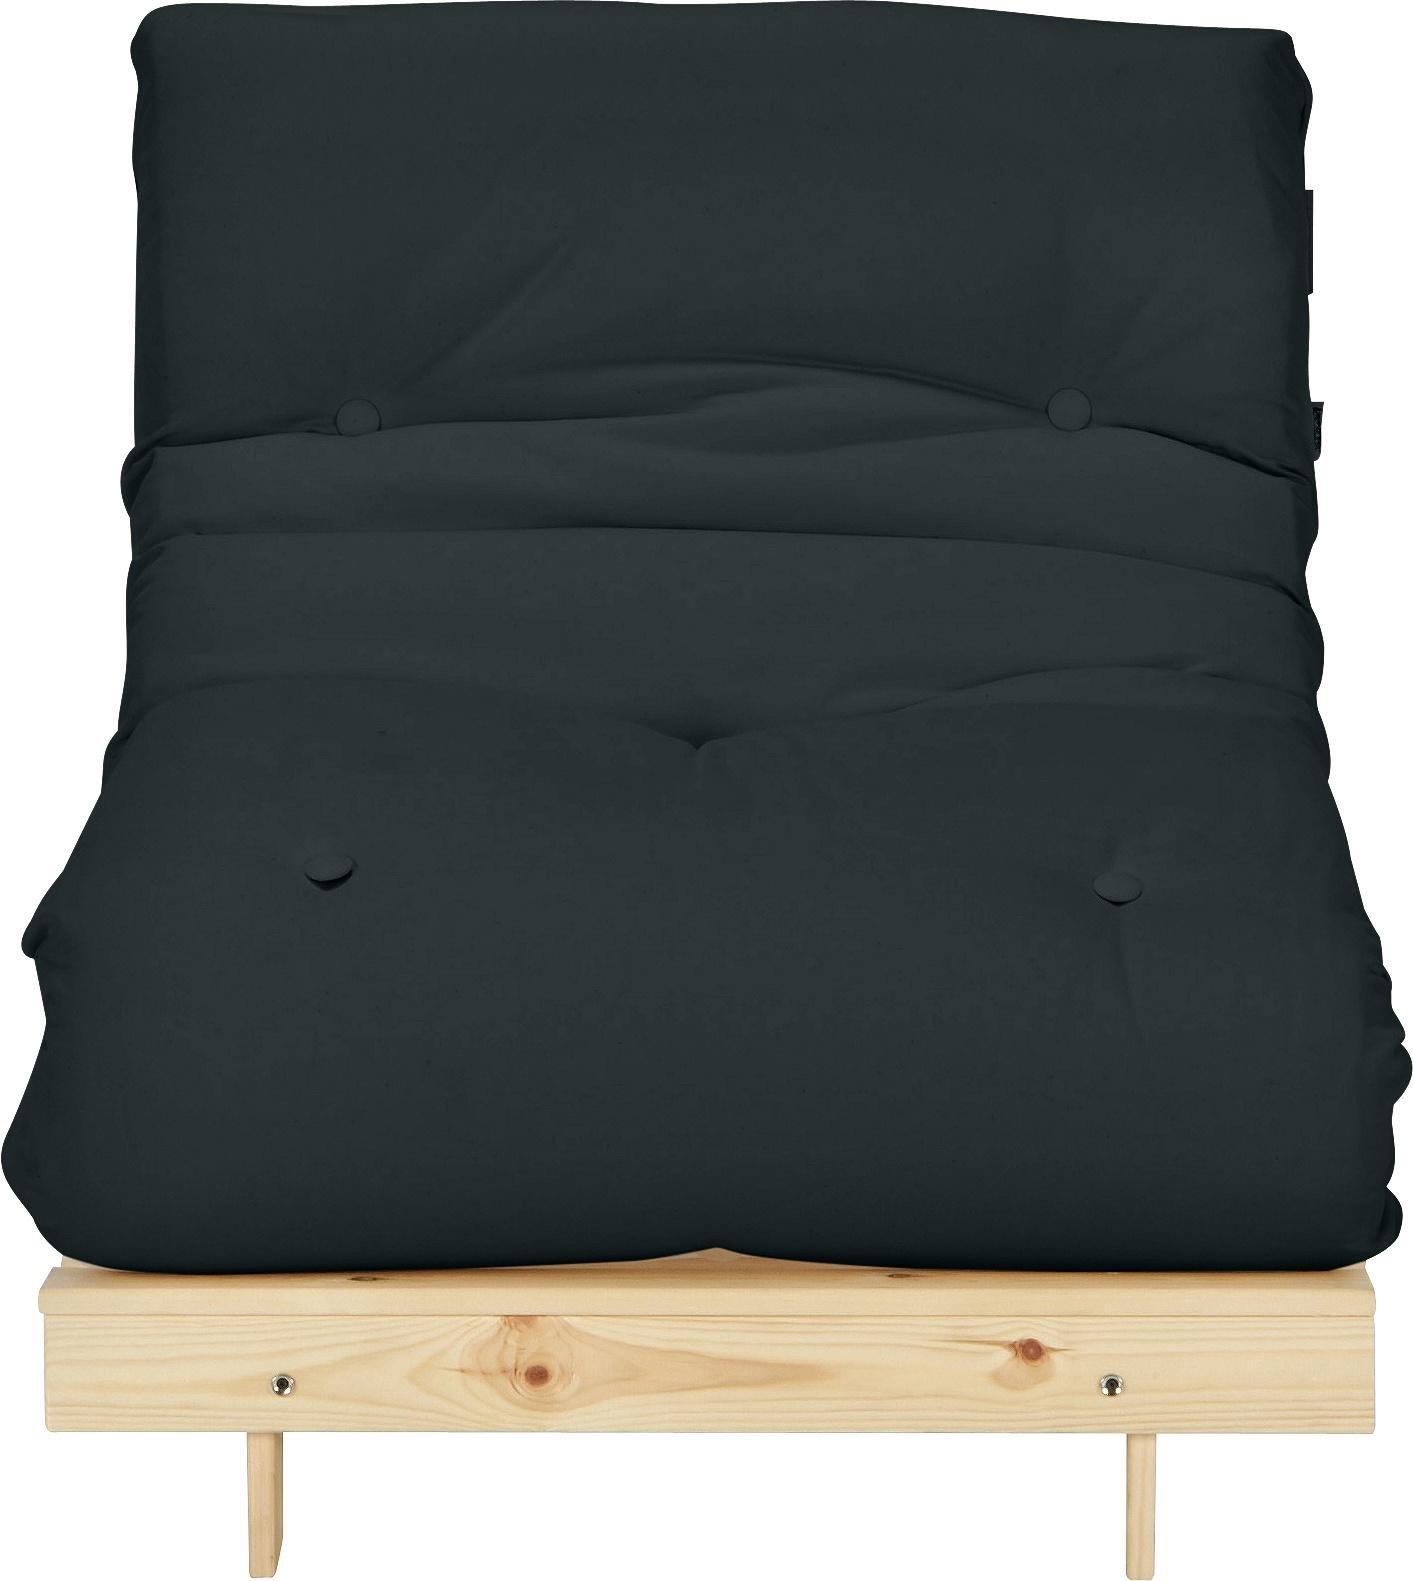 Argos Home Single Futon Sofa Bed with Mattress - Black